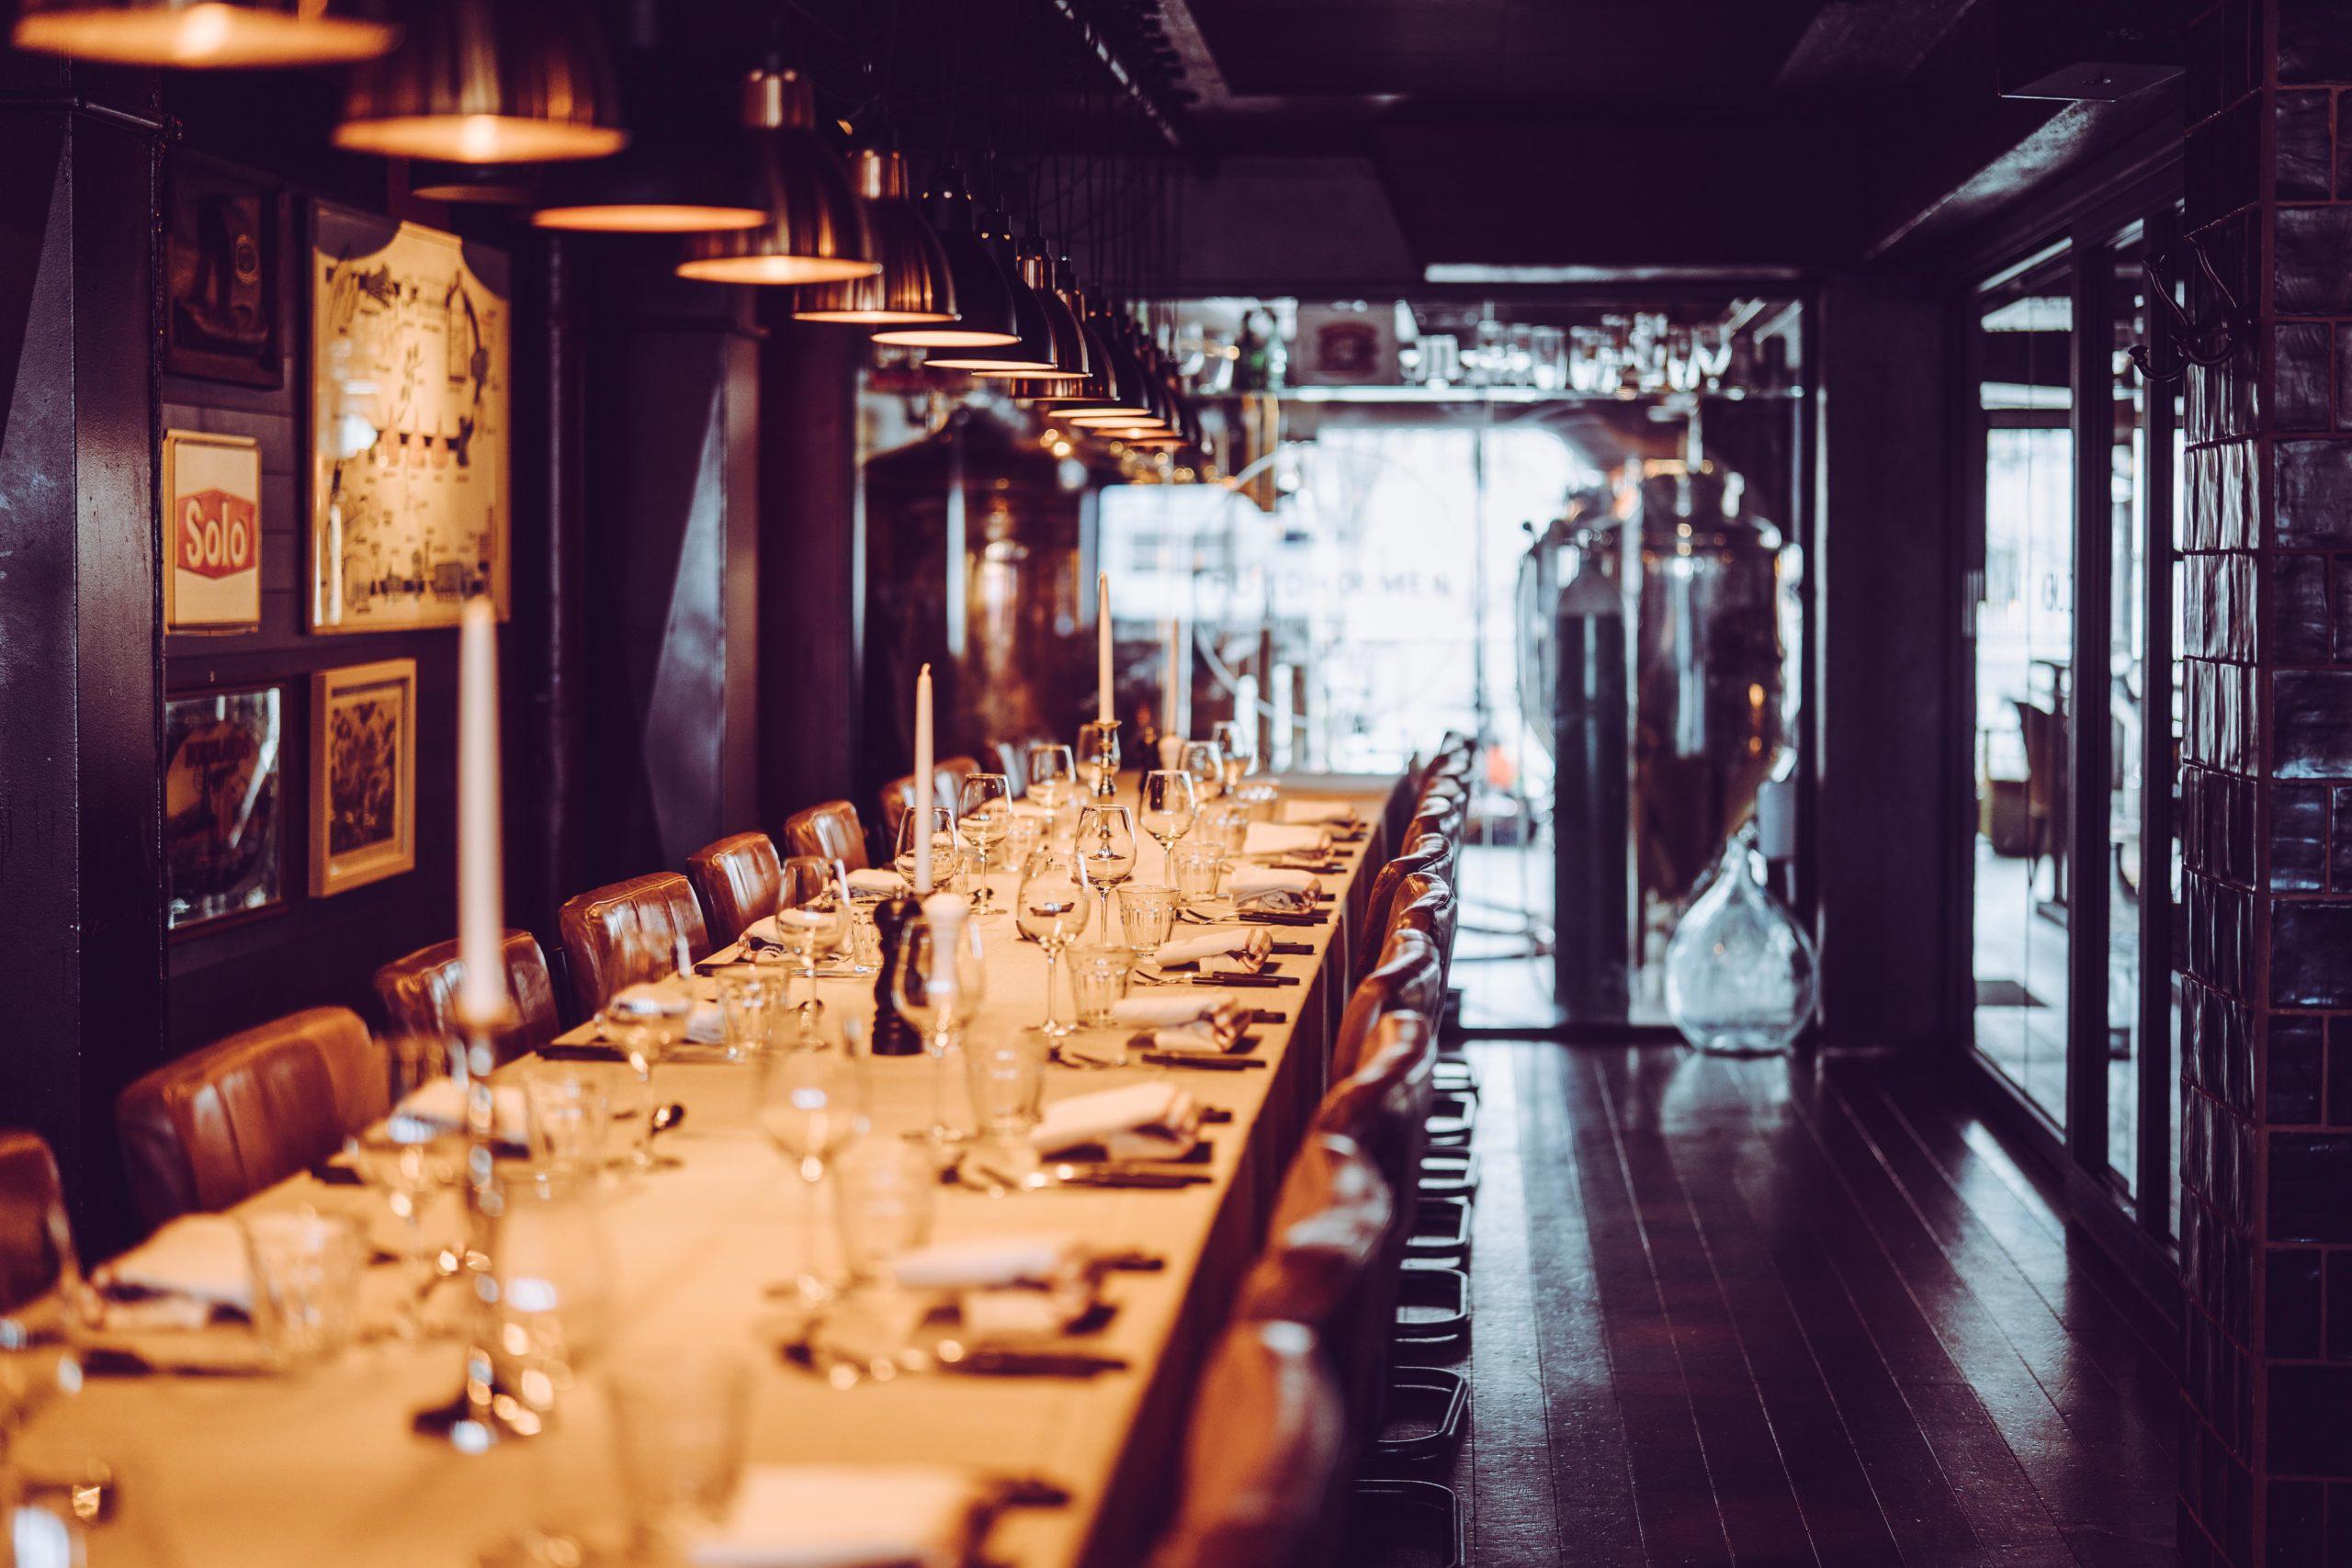 Pådekket bord, selskapsrom på Hundholmen Brygghus